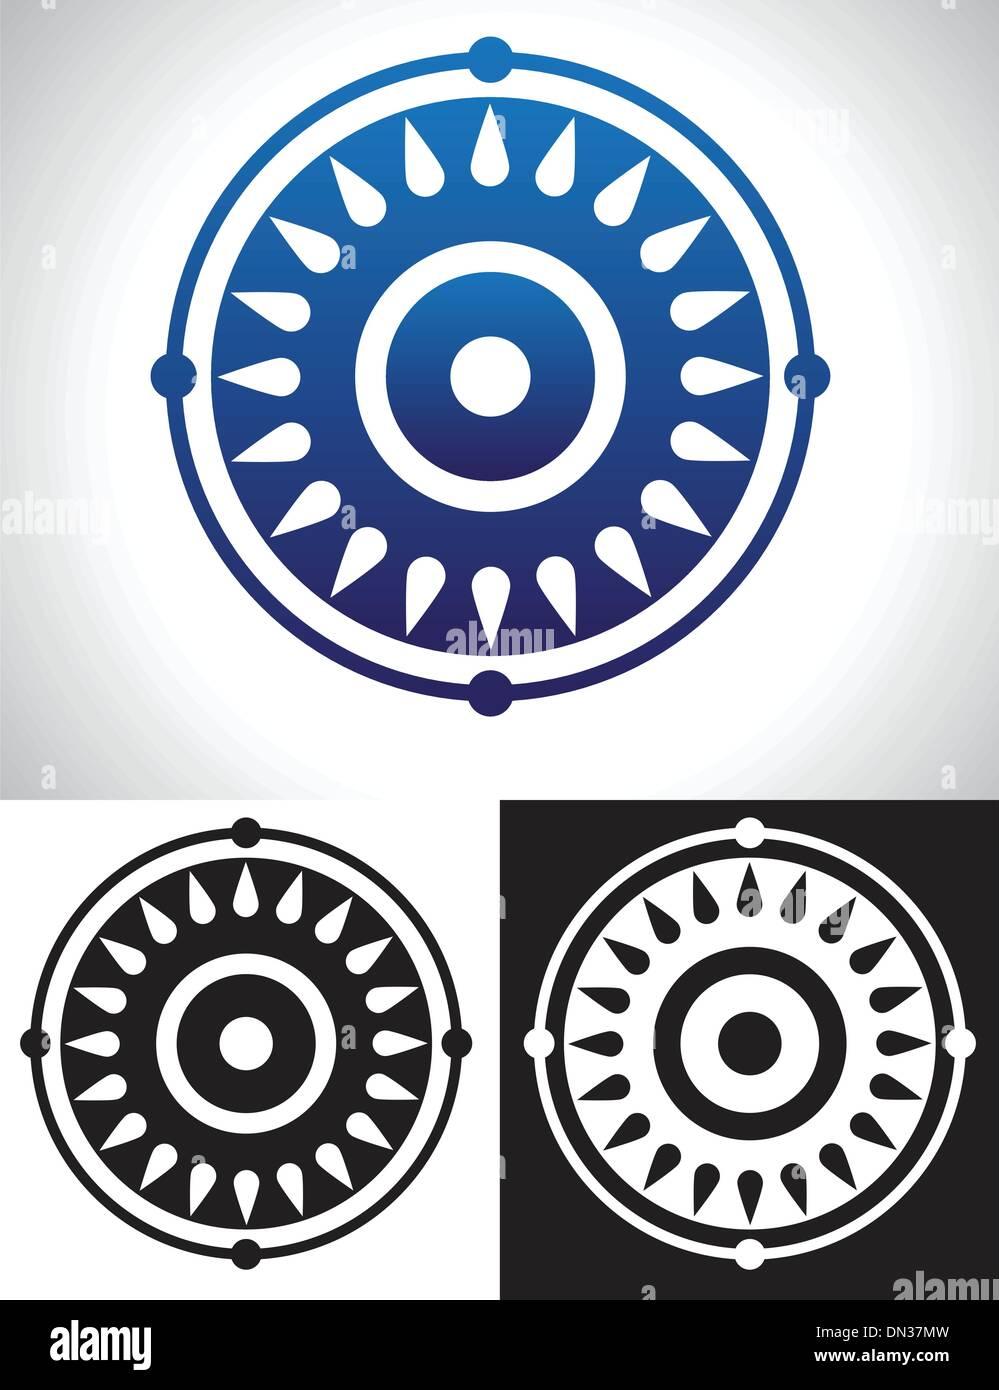 Mandala Symbolism - Stock Image